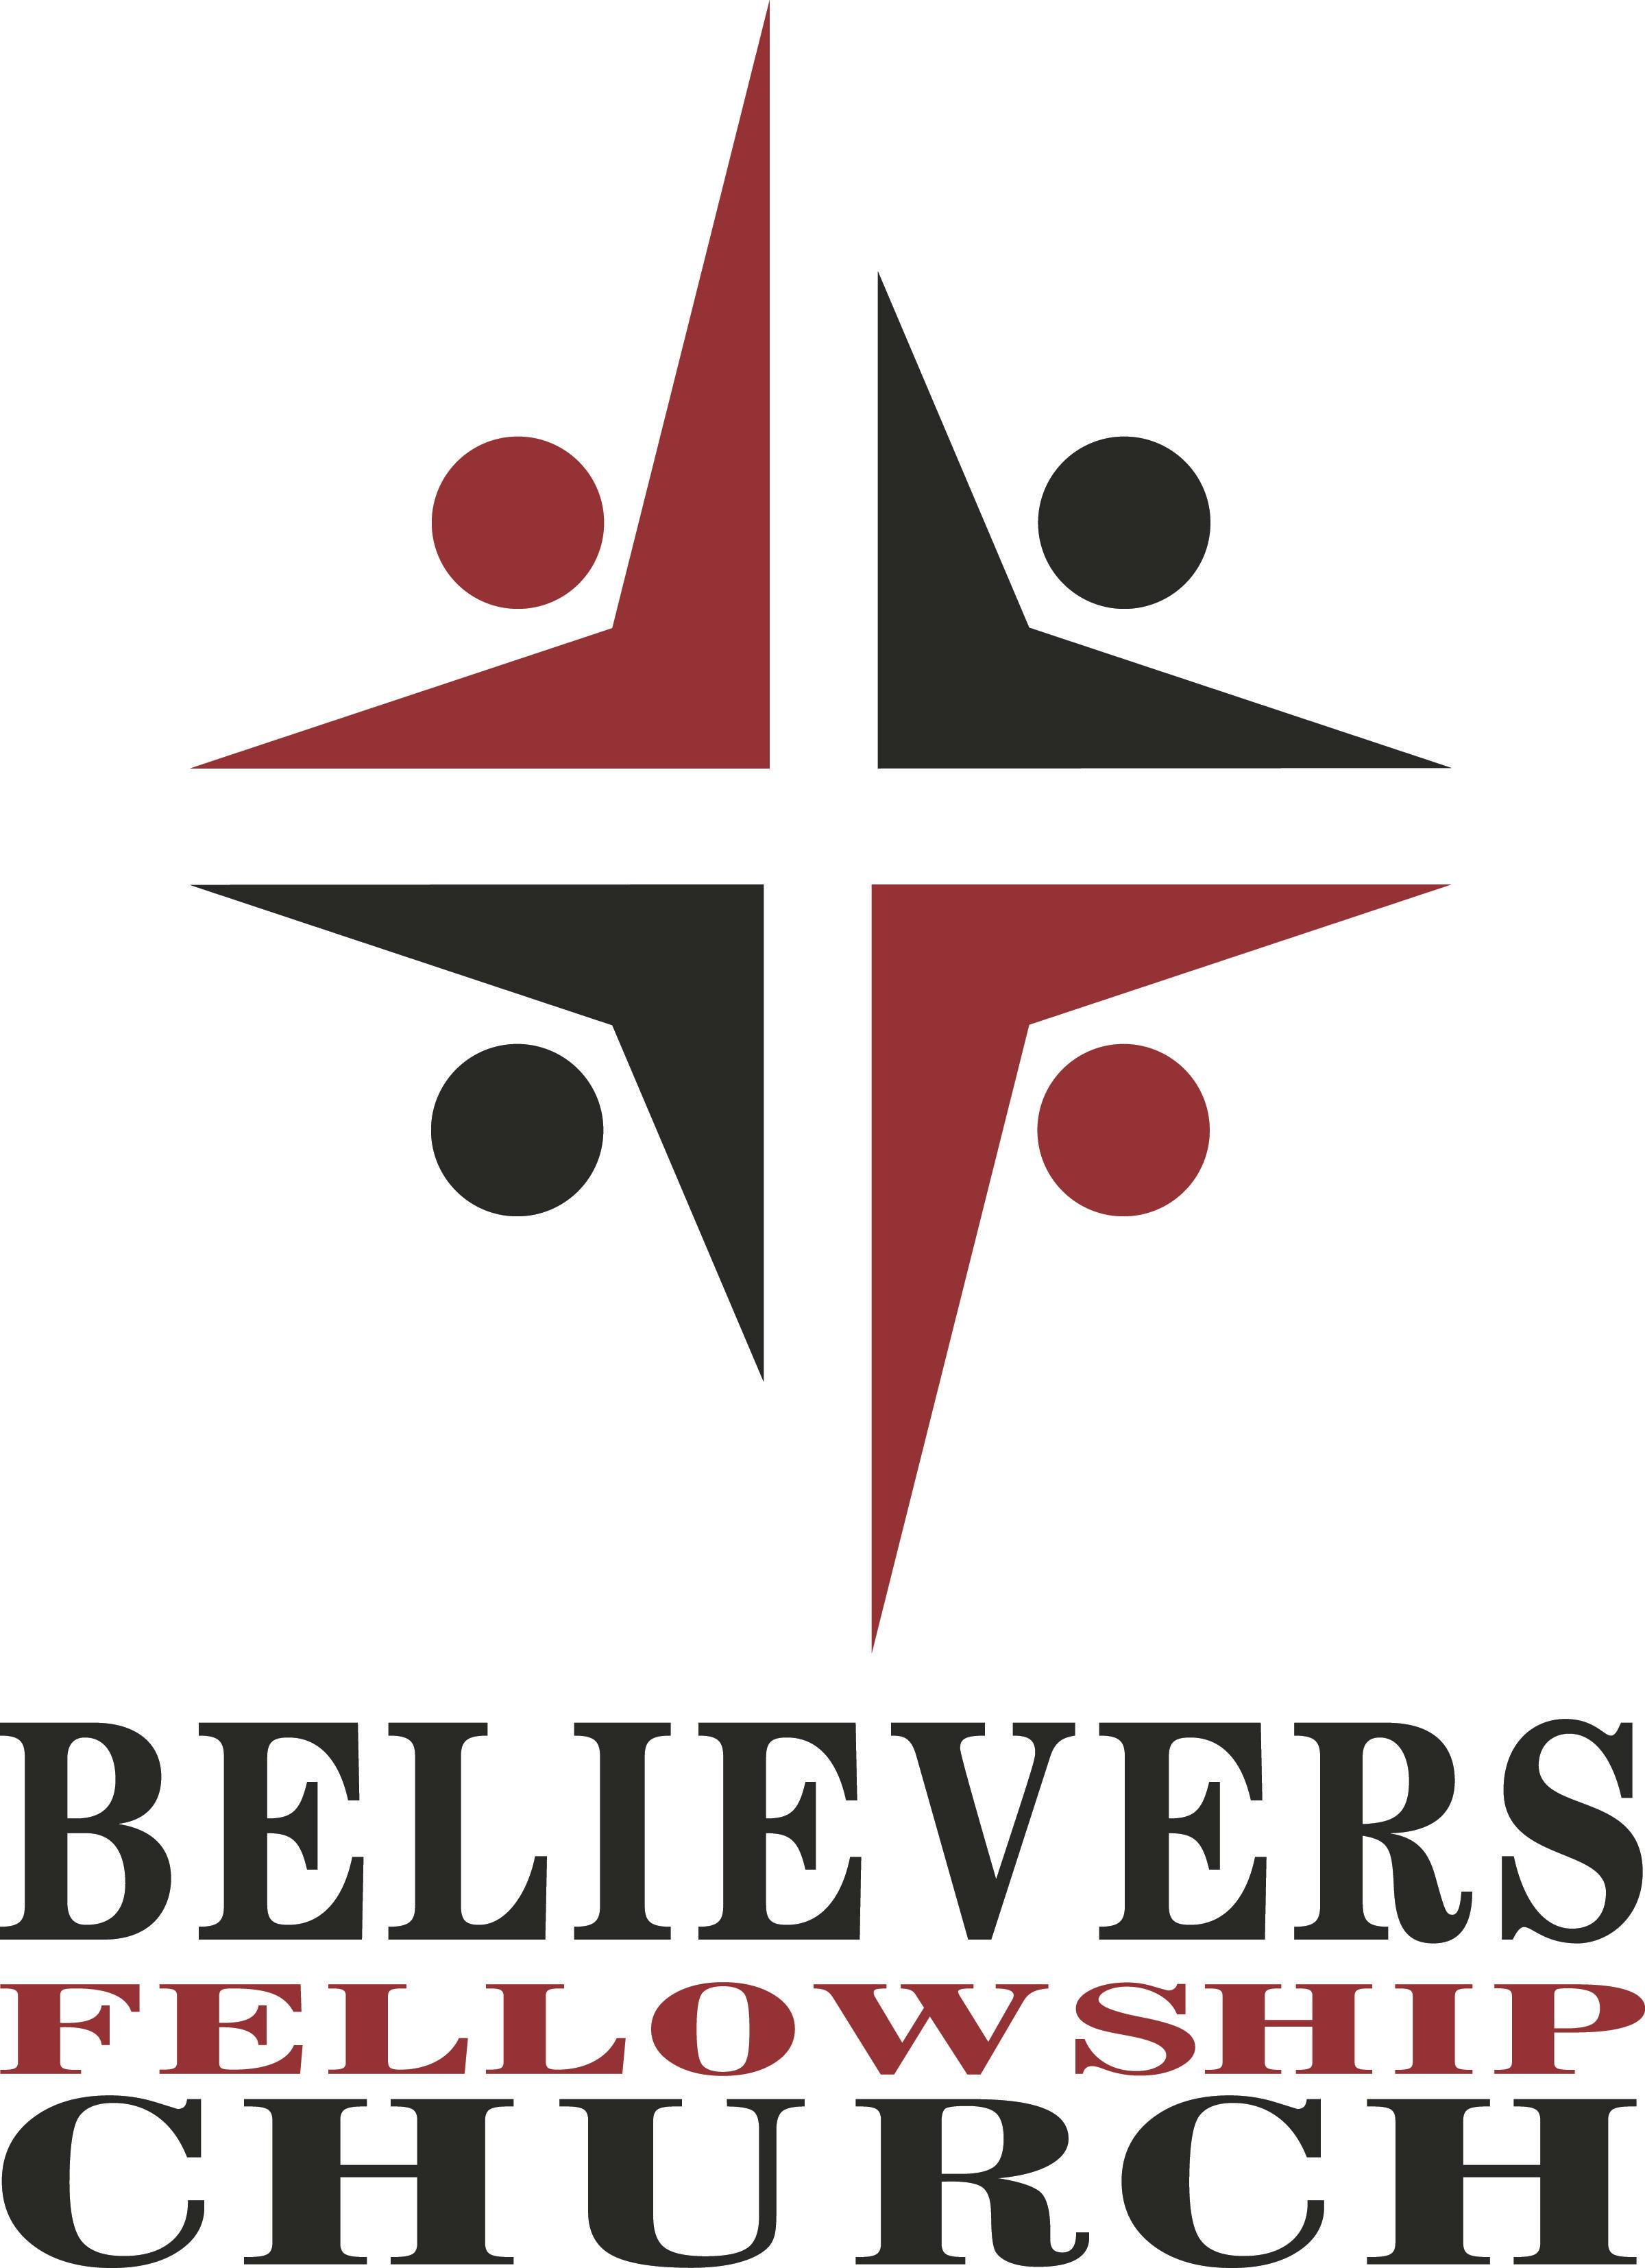 Believers+fellowship+church+2